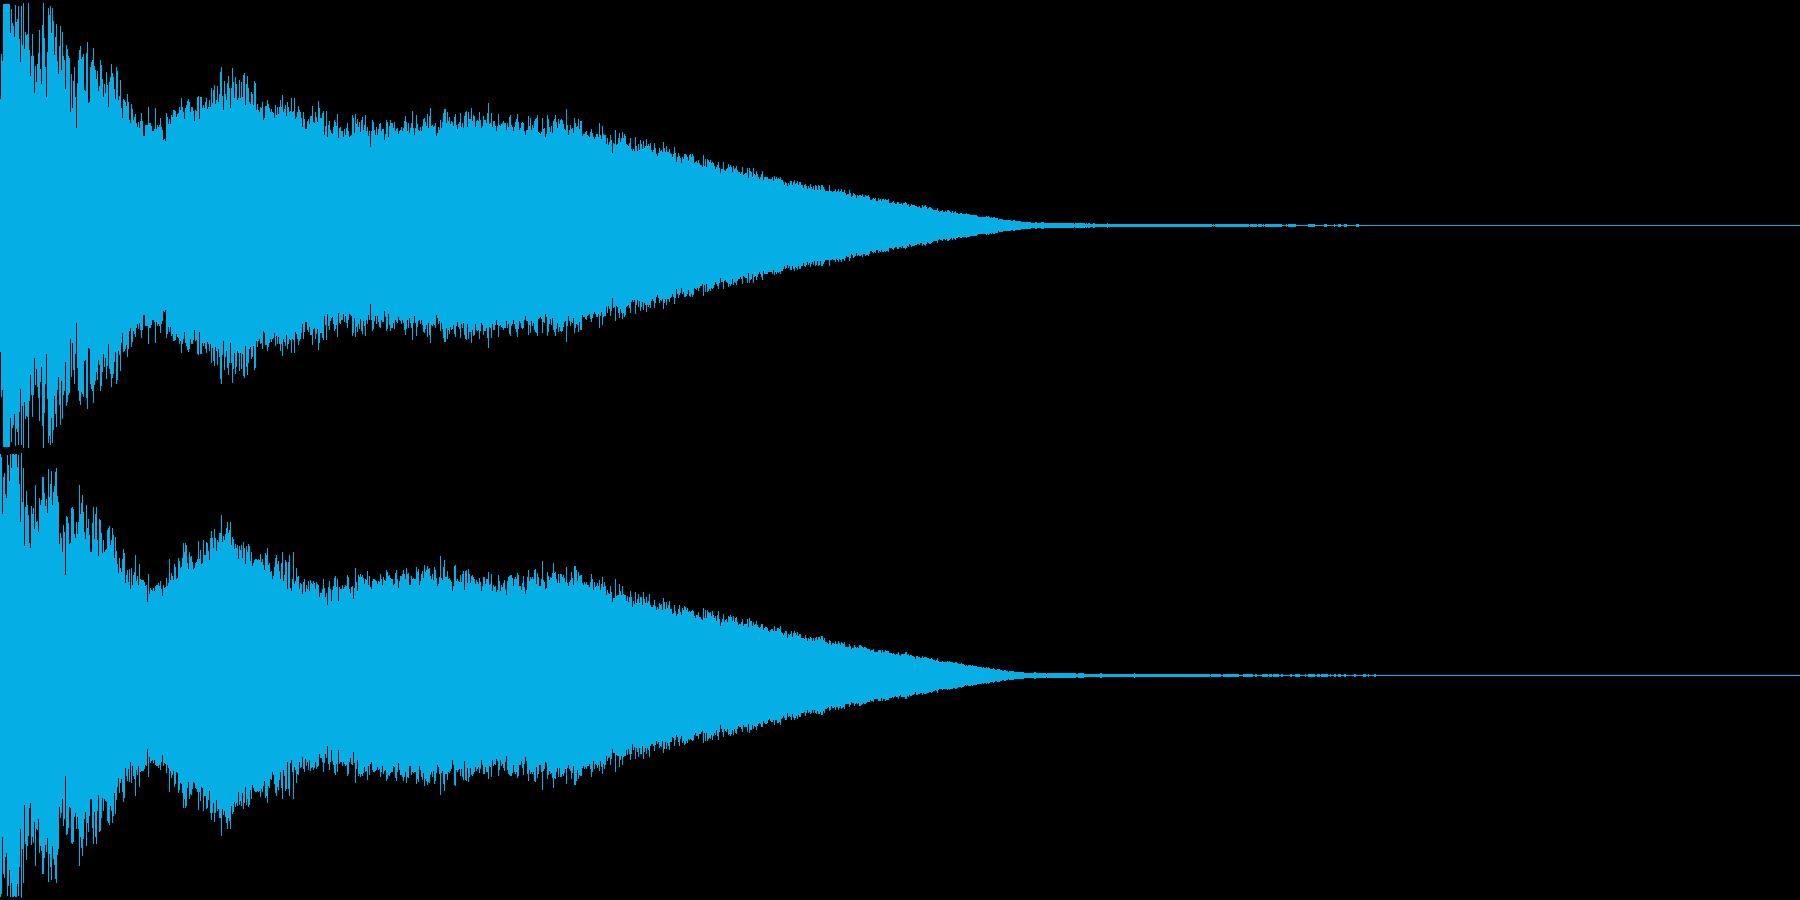 シャキーン キュイーン キラーン 02の再生済みの波形